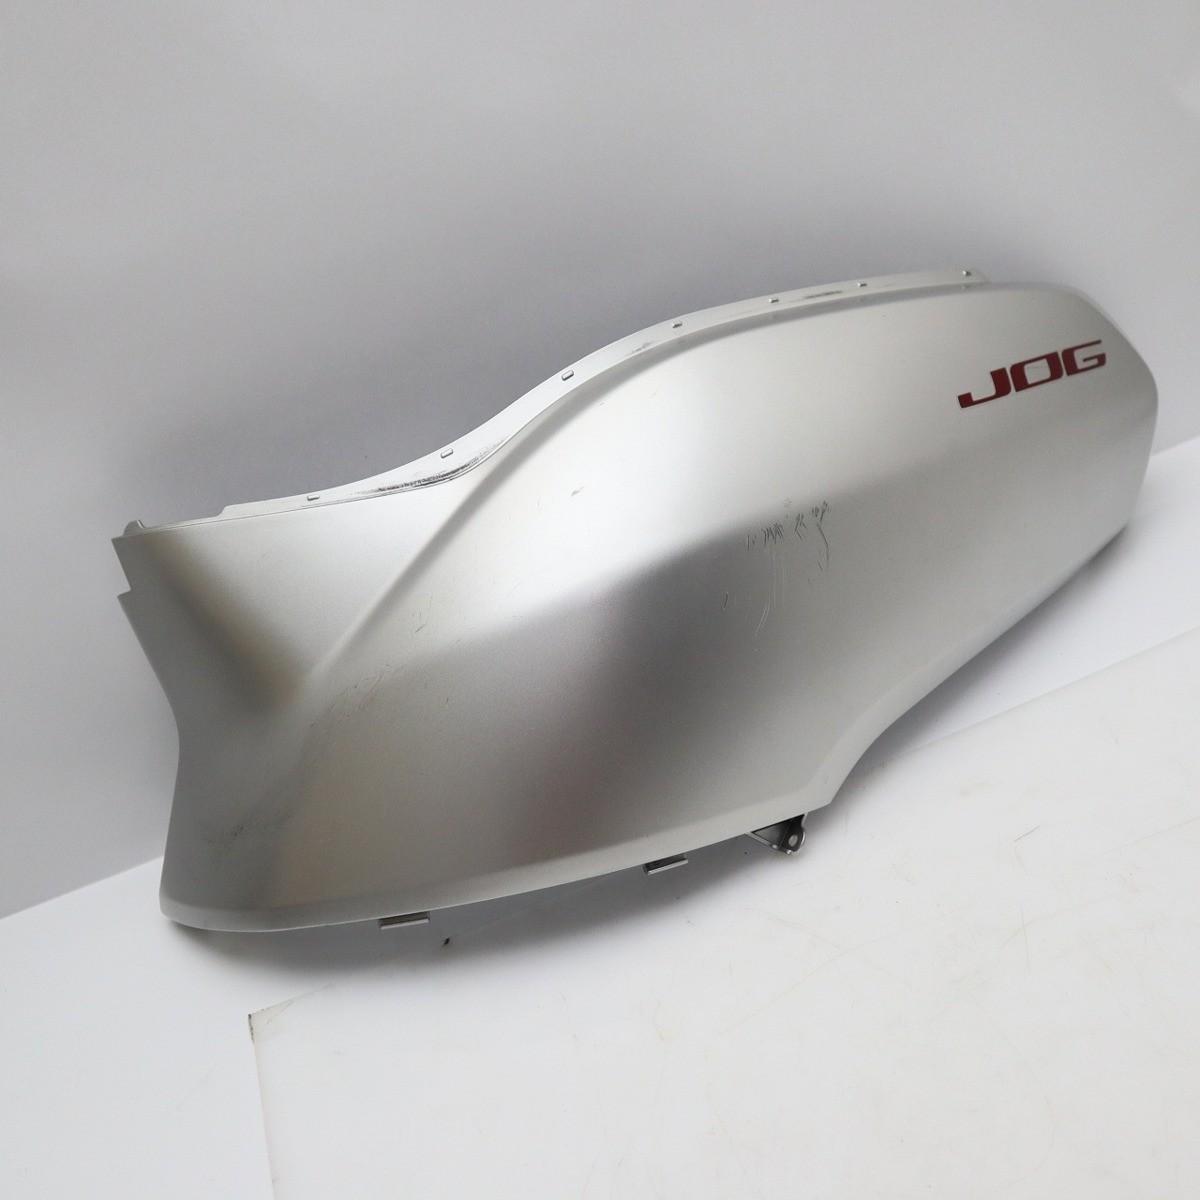 JOG AY01 サイドカウル 83610-GJA-J001 191105KD0010